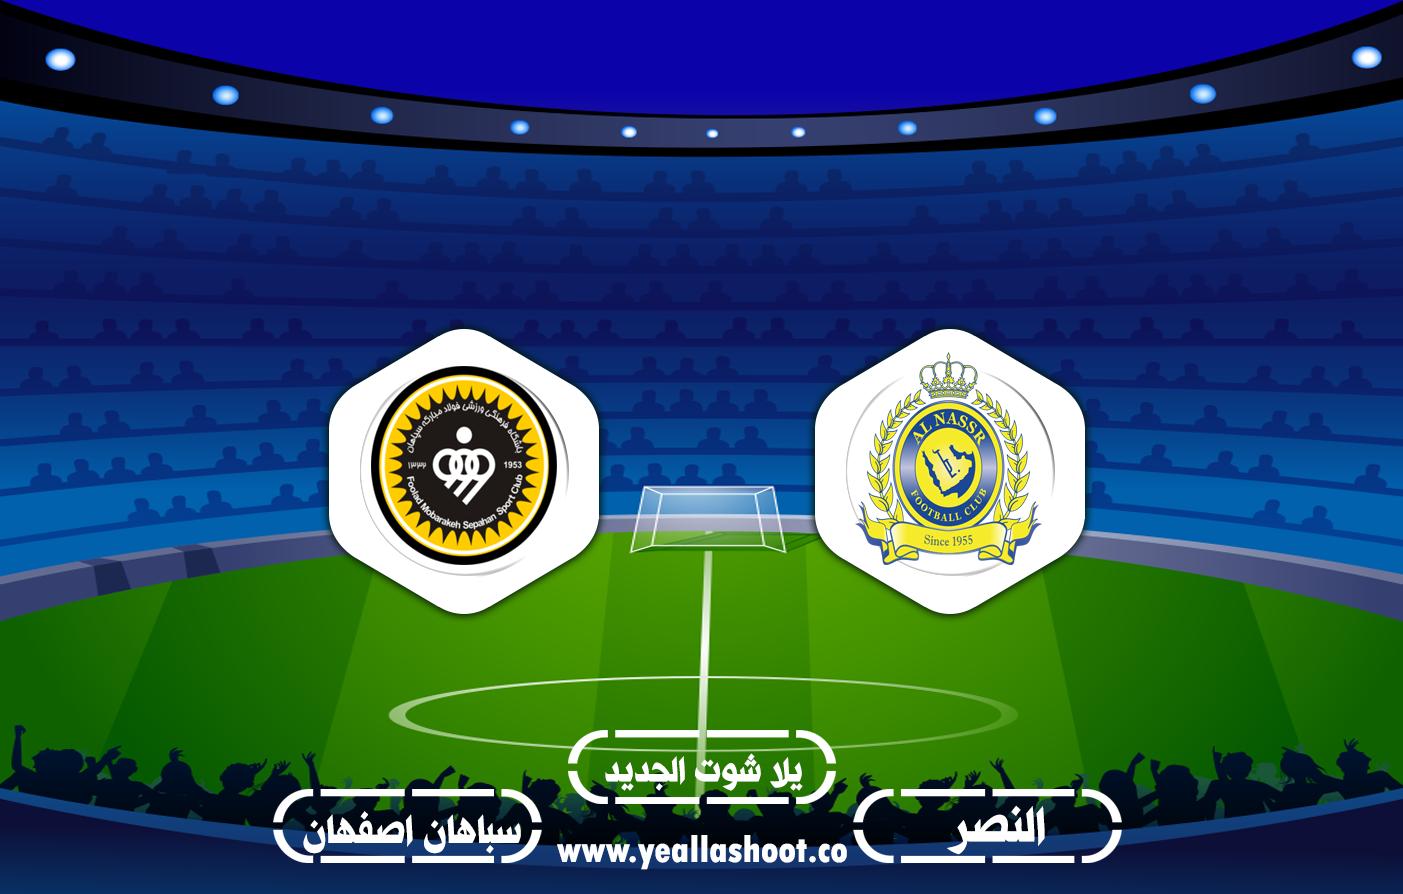 مشاهدة مباراة النصر وسباهان اصفهان اليوم بث مباشر في دوري ابطال اسيا